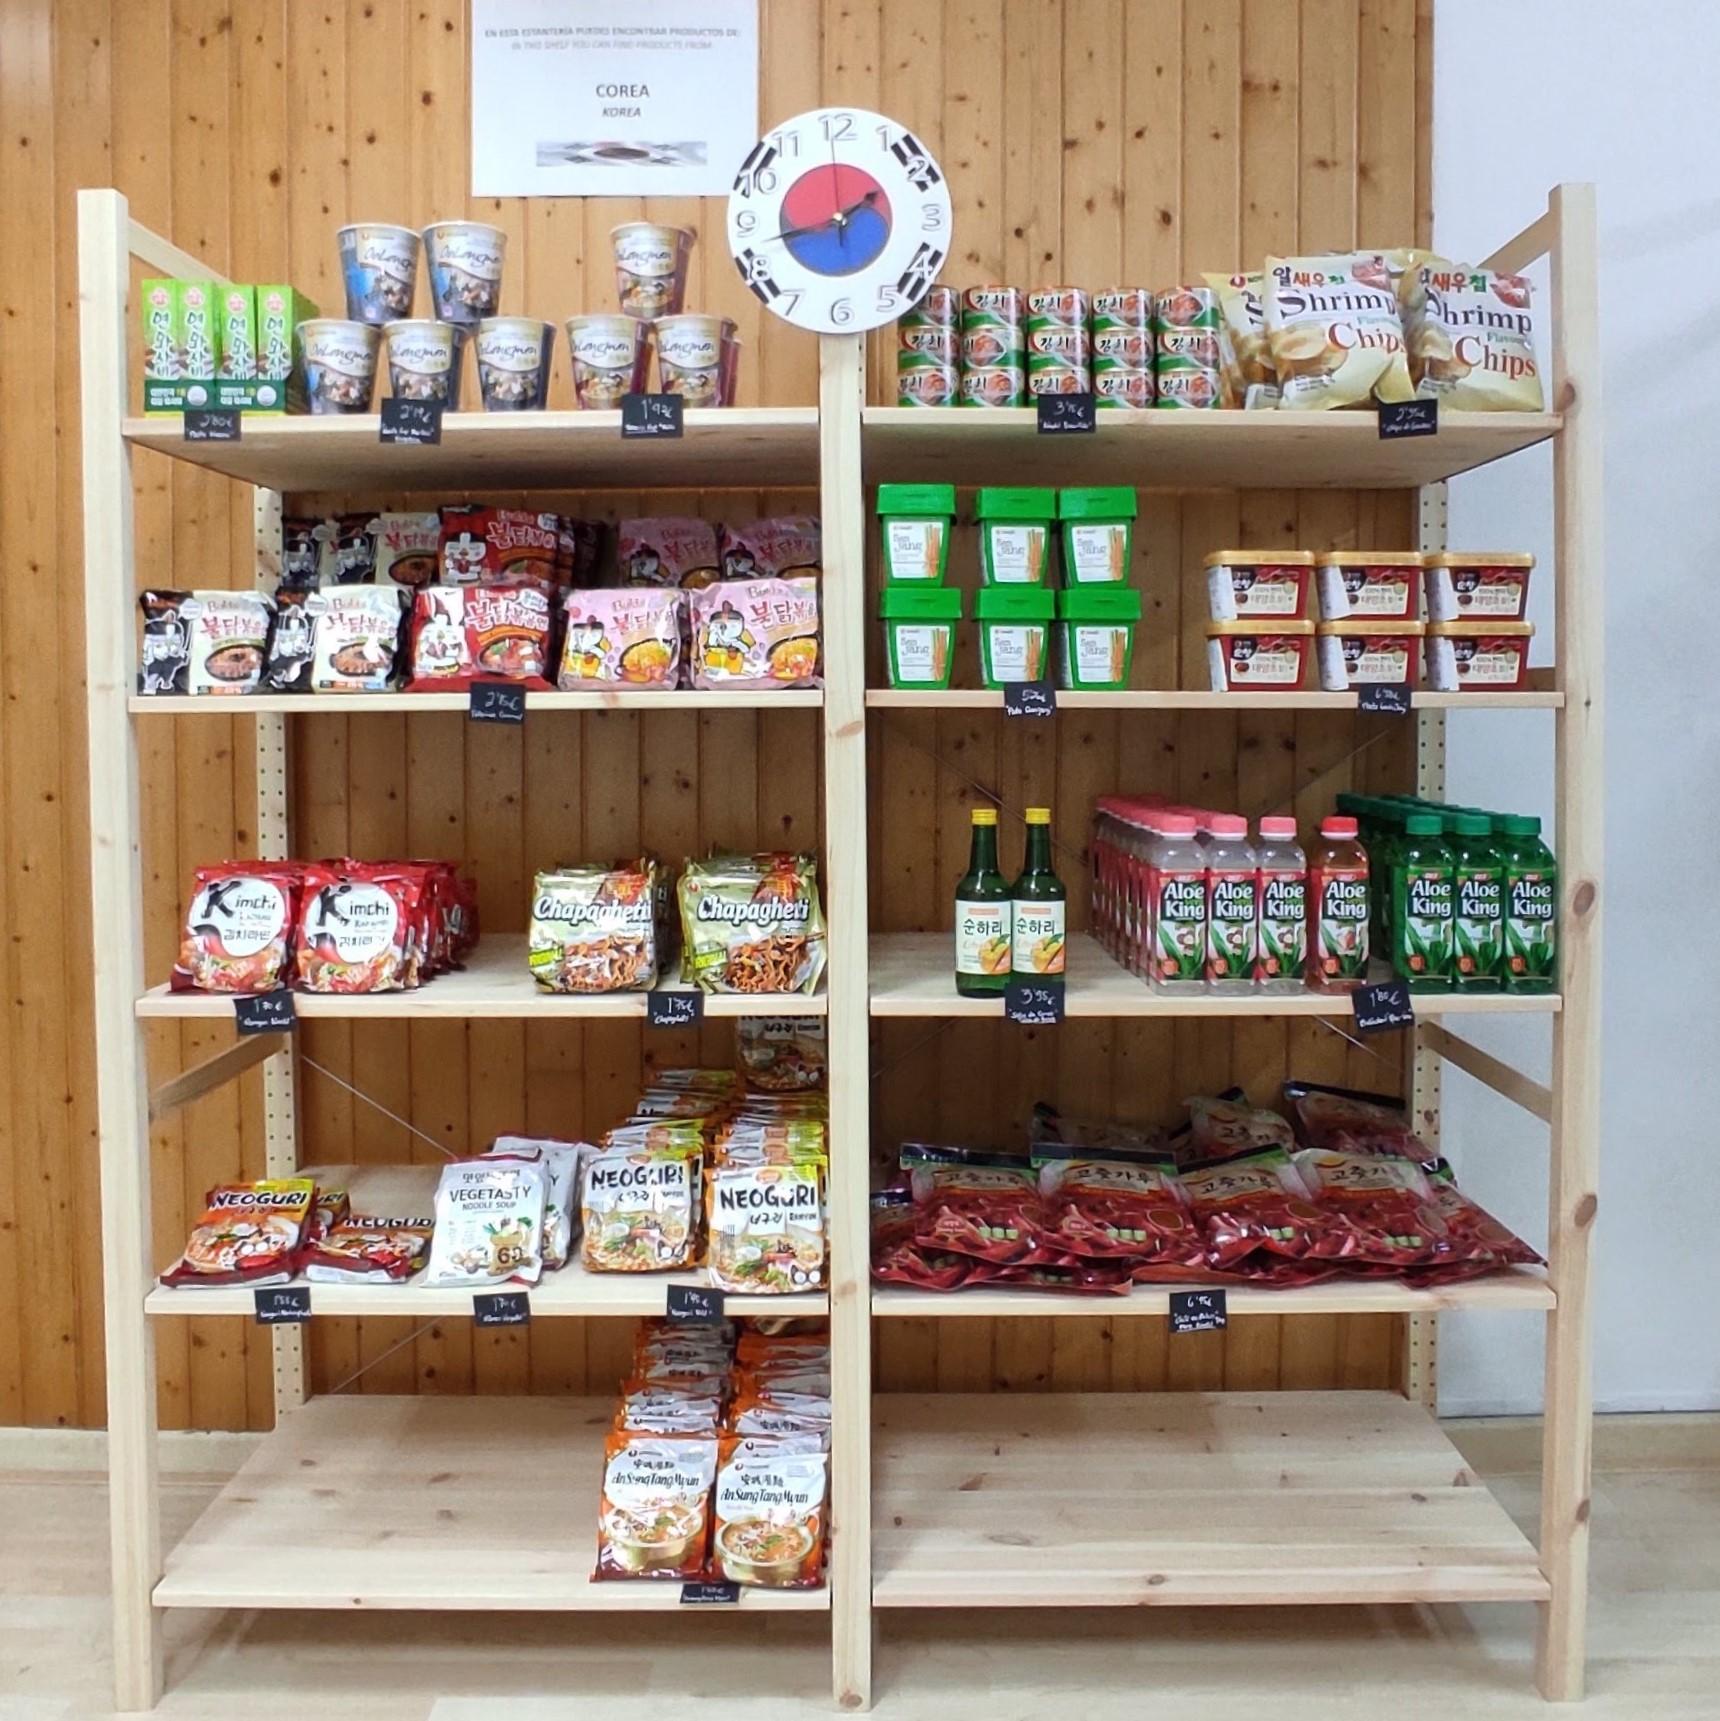 Estanterías de comida coreana en A Coruña.